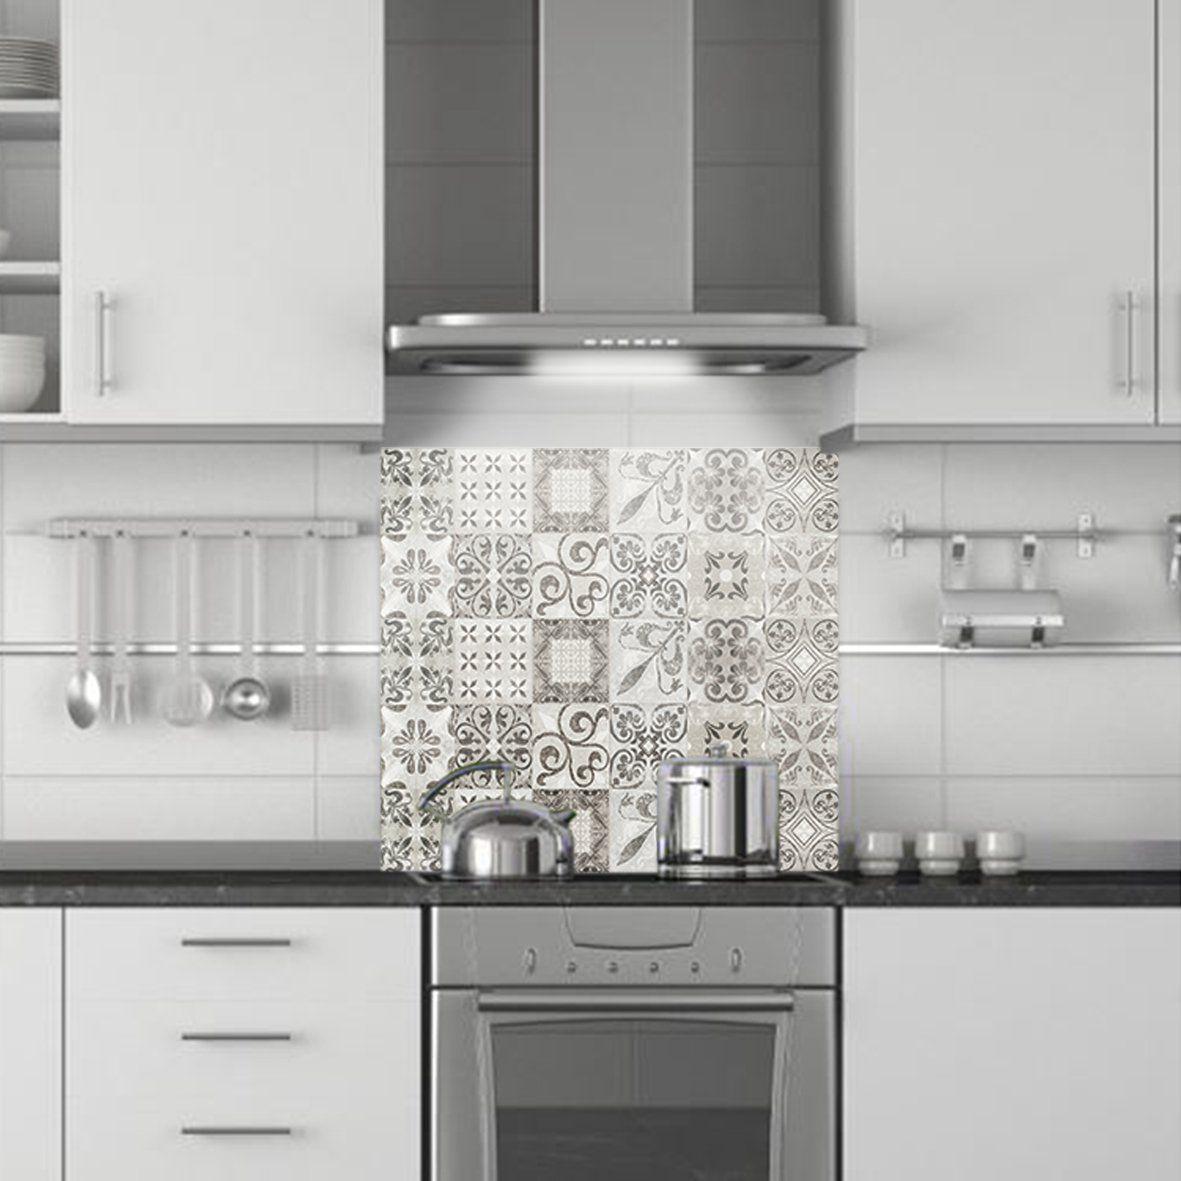 credence de cuisine decorative carreaux de ciment usure